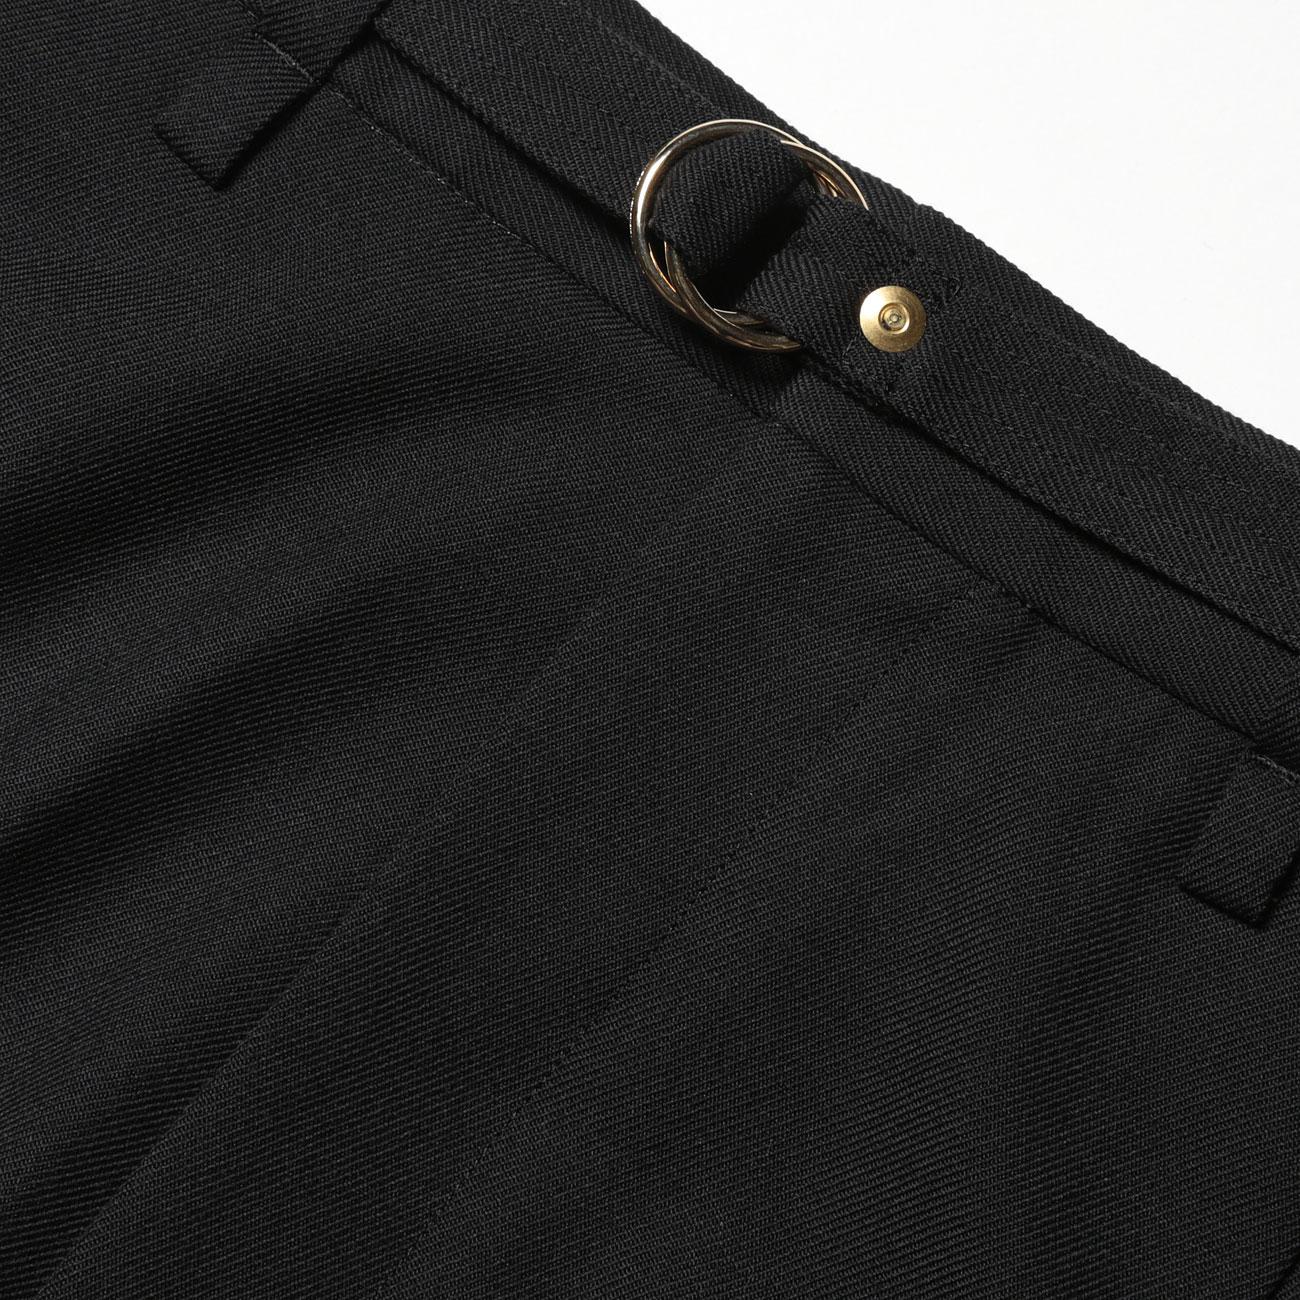 URU TOKYO - 1 TUCK PANTS / WOOL SERGE - Black